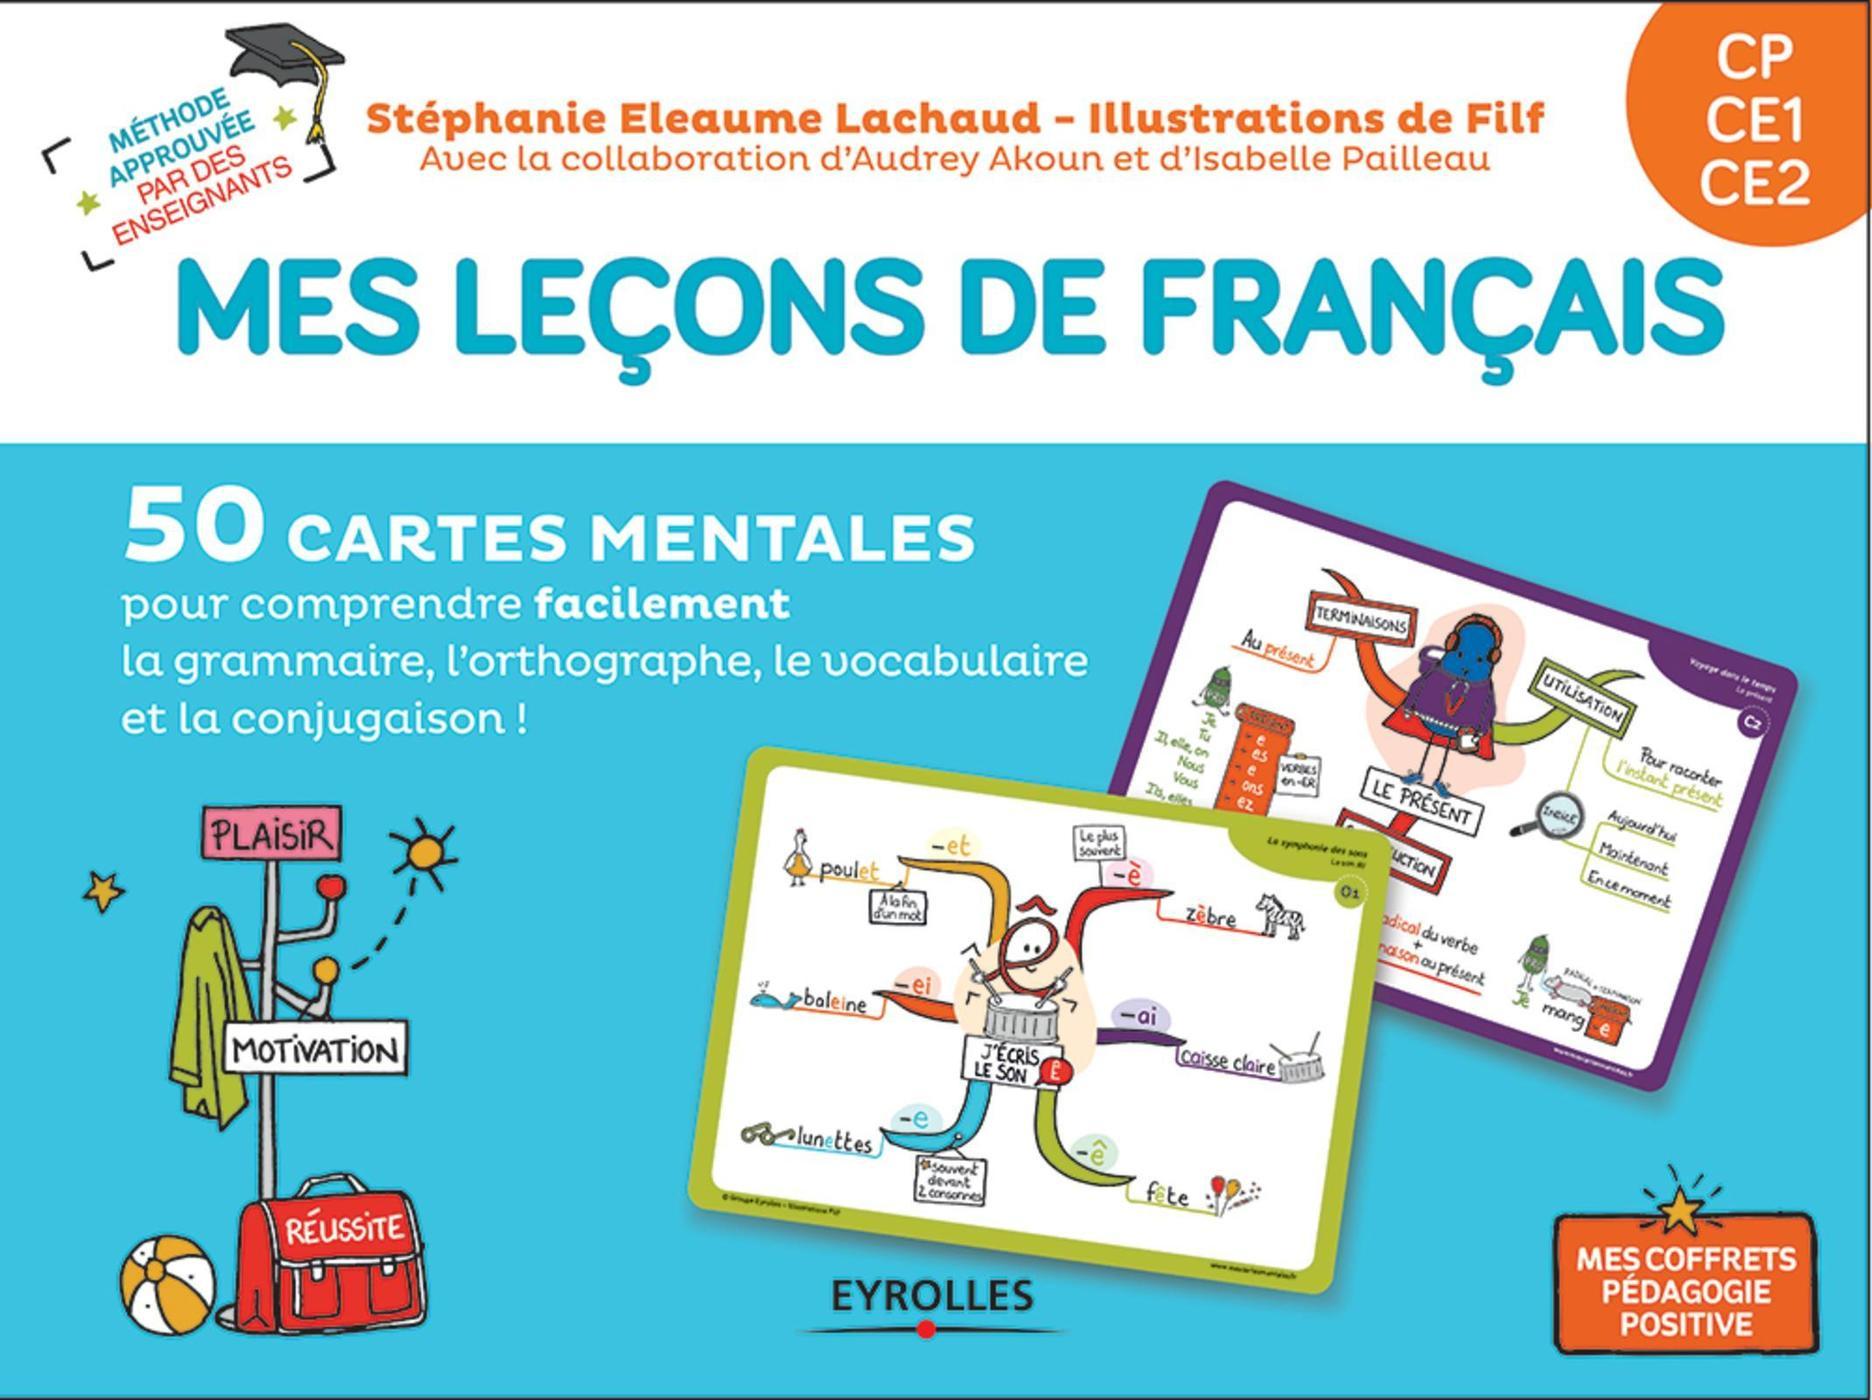 Mes Leçons De Français - Cp, Ce1, Ce2 - S.eleaume-Lachaud, Filf, -  Librairie Eyrolles encequiconcerne Carte De France Ce1